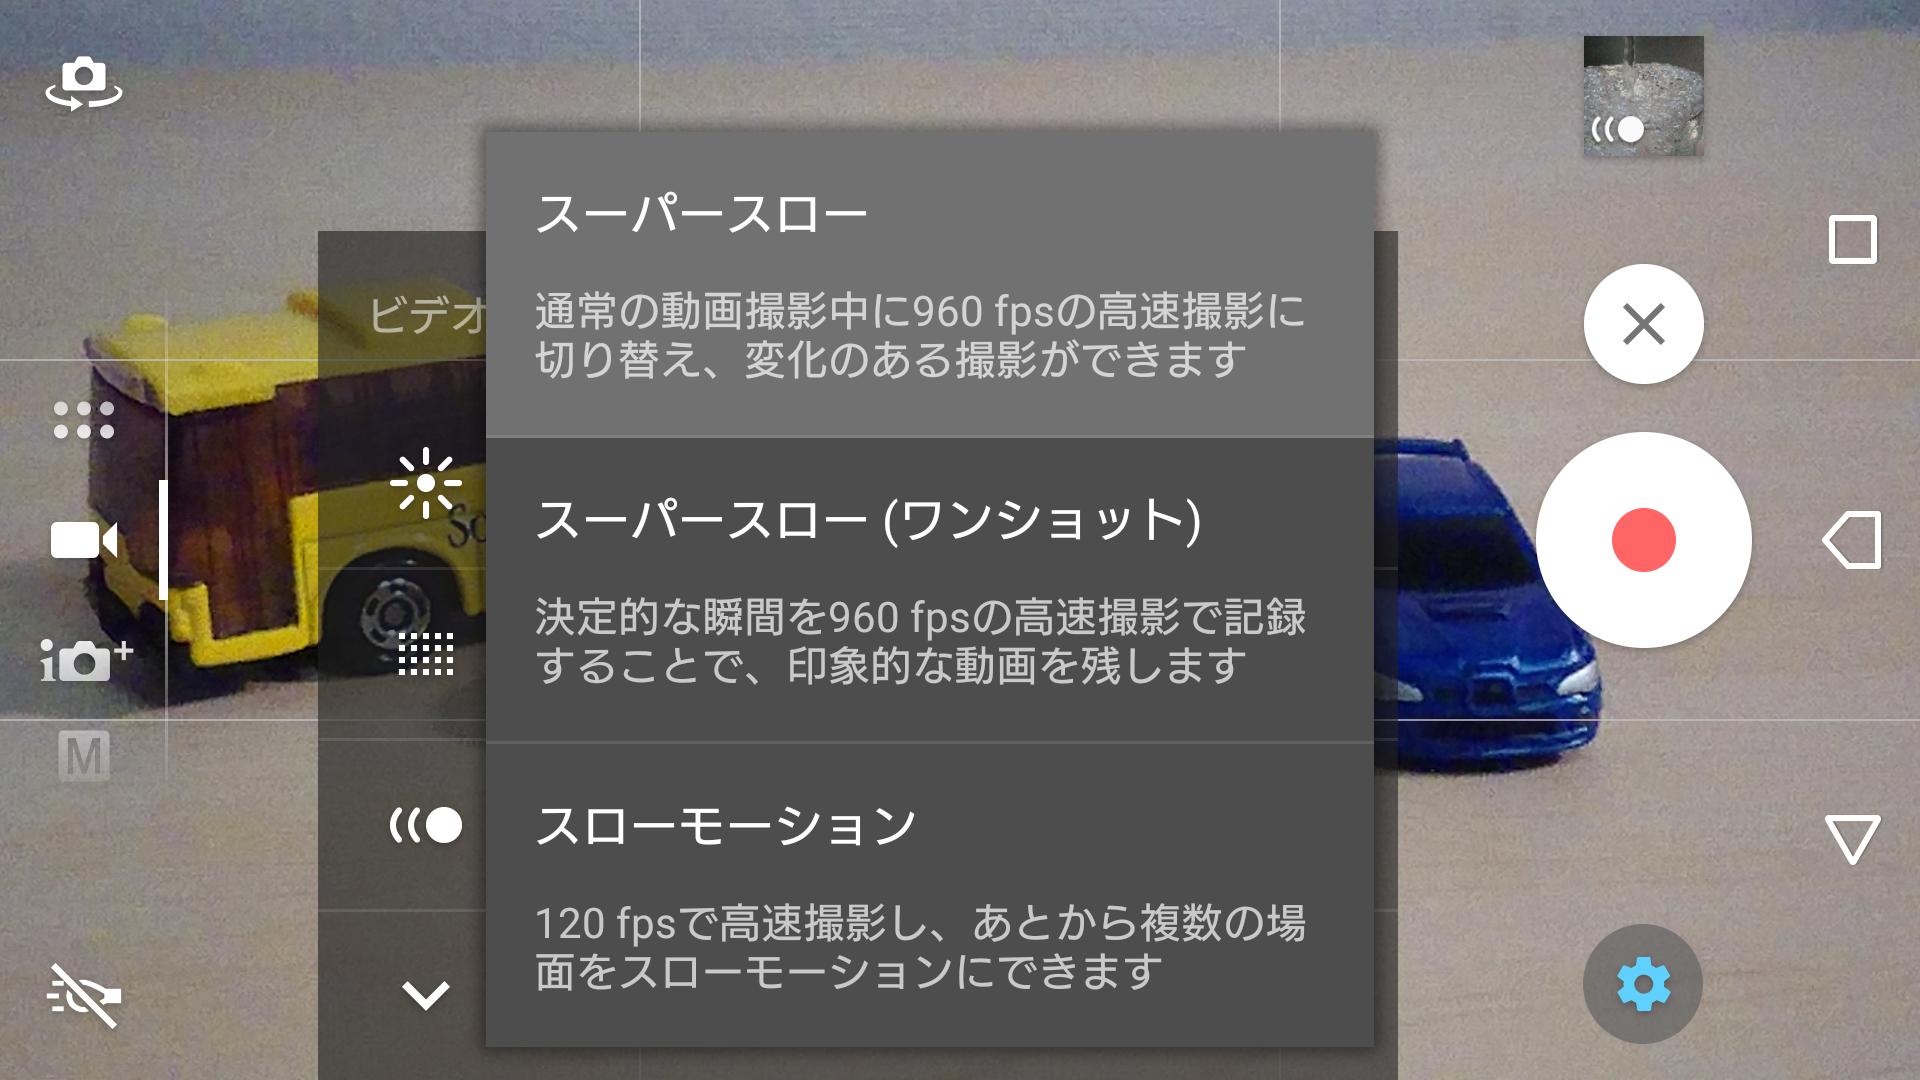 スーパースローは3つのモードが用意されている。